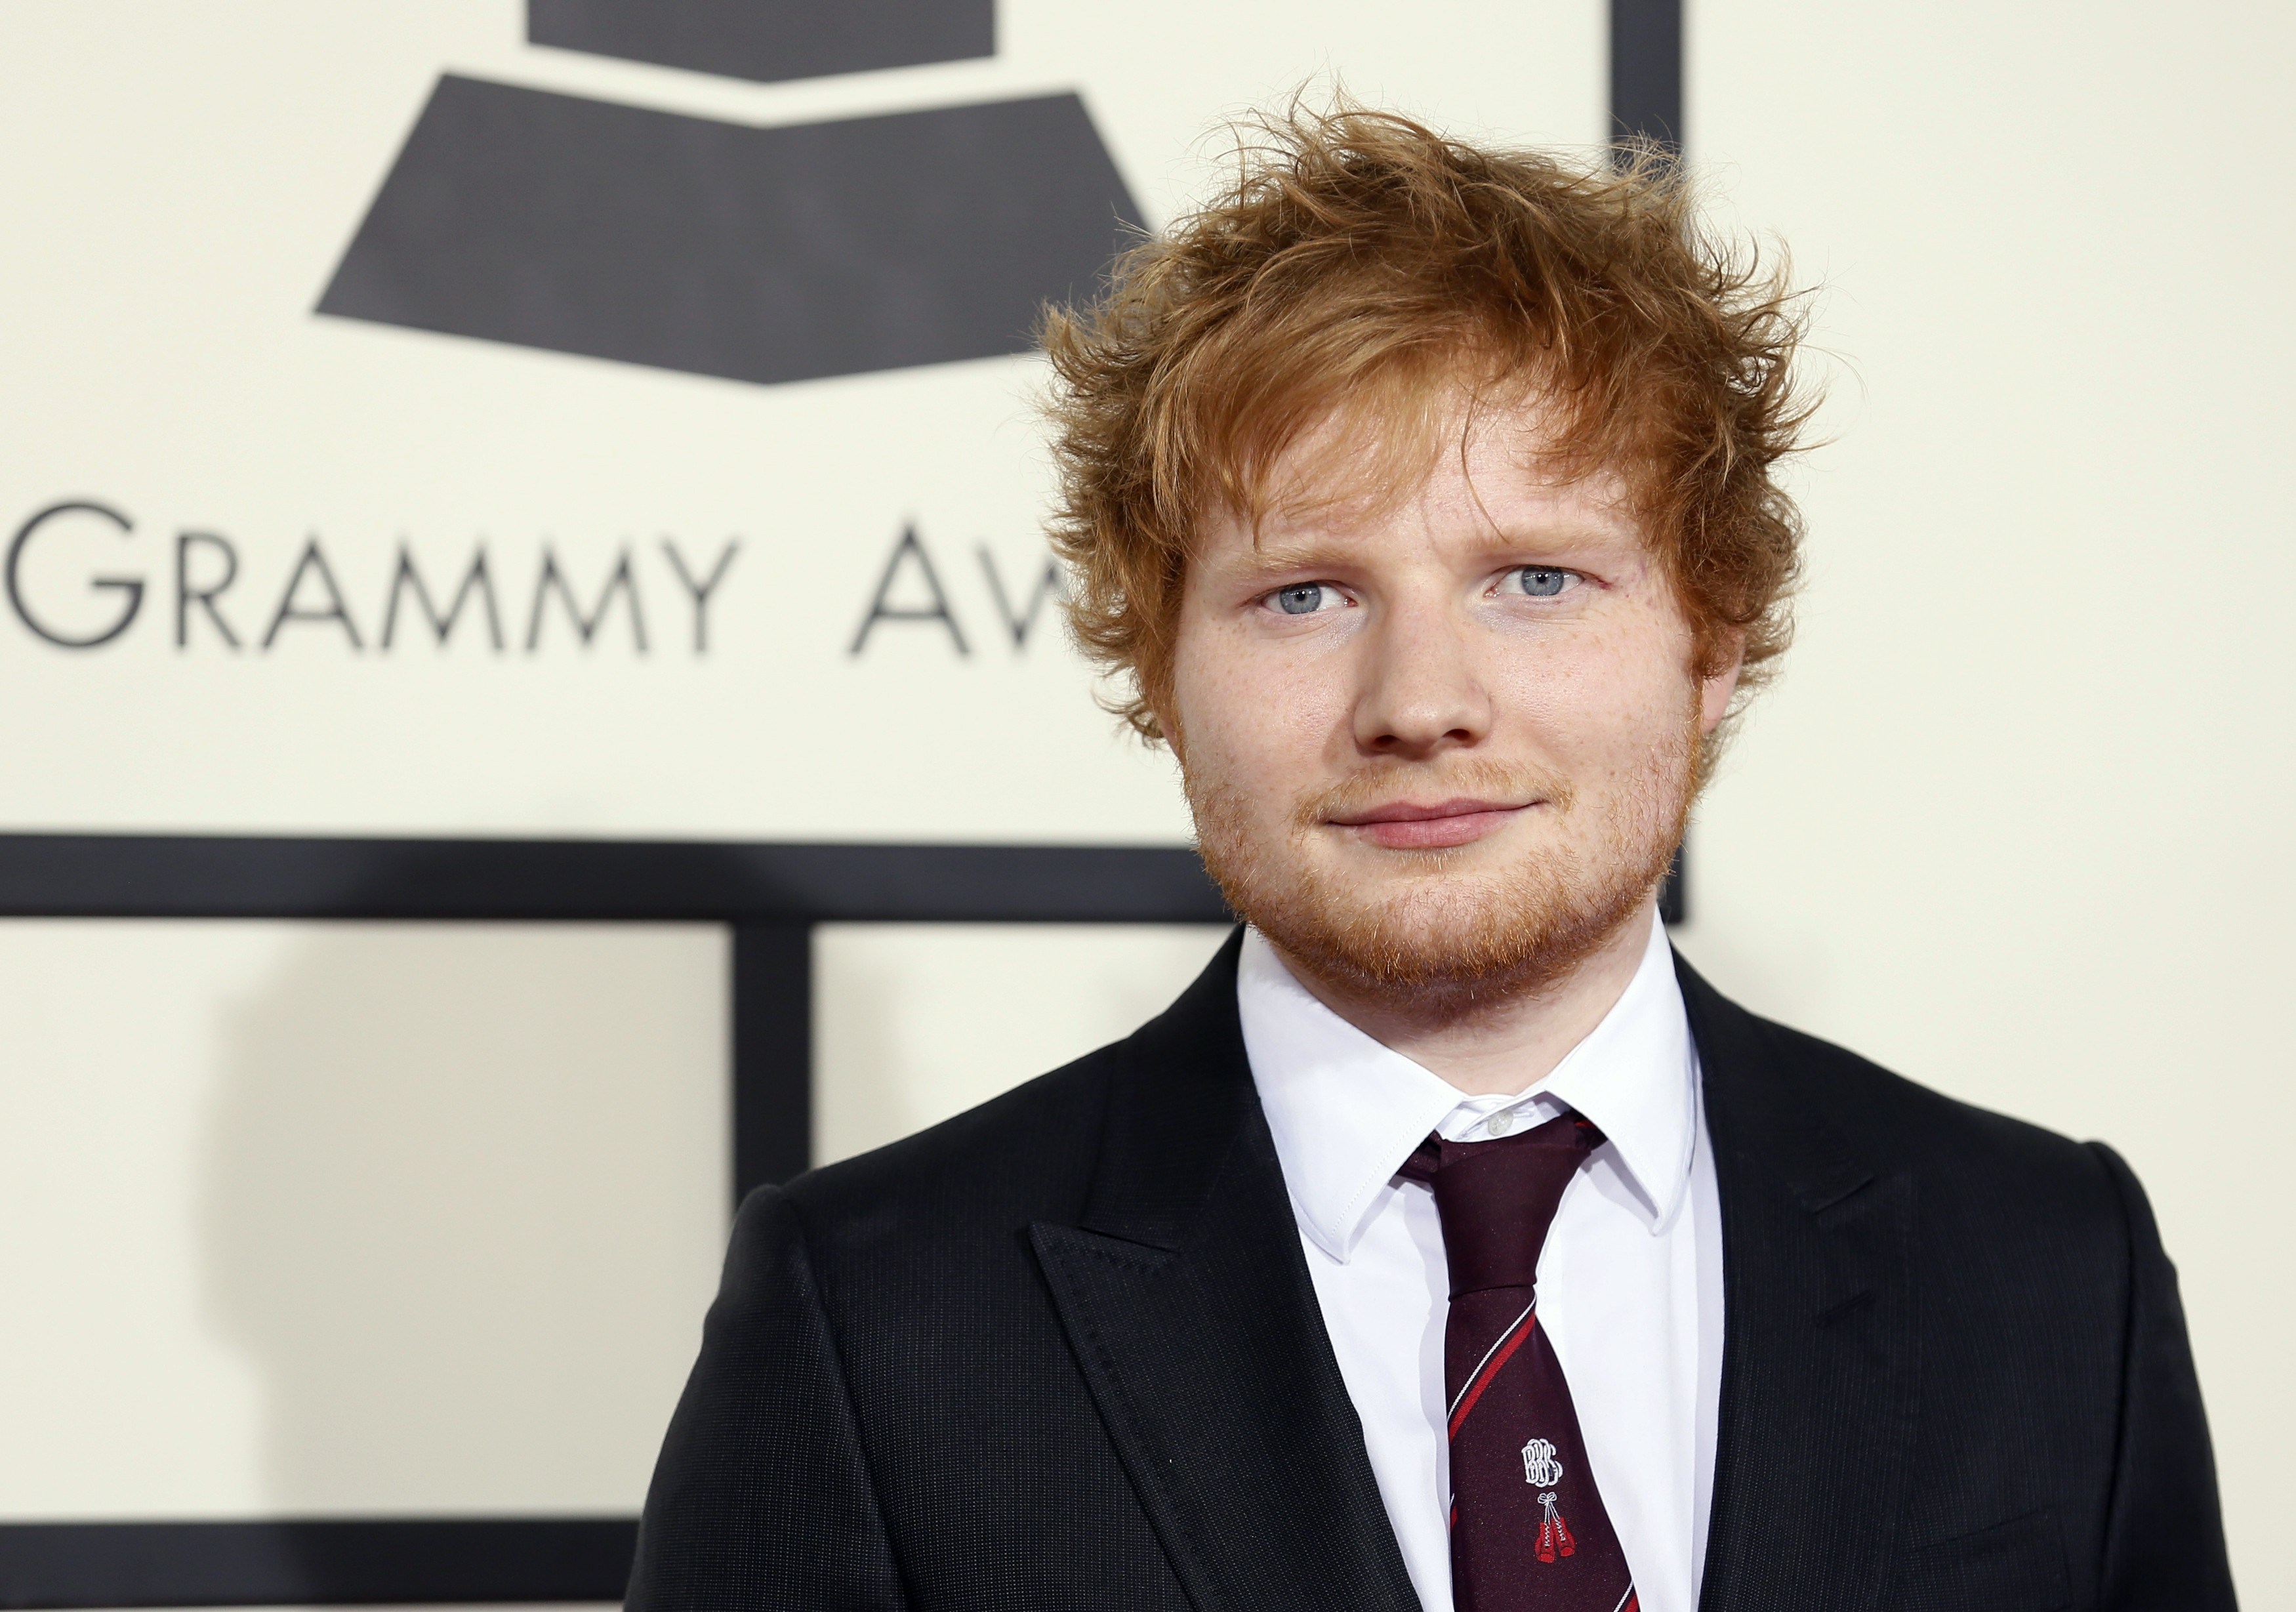 5. Ed Sheeran